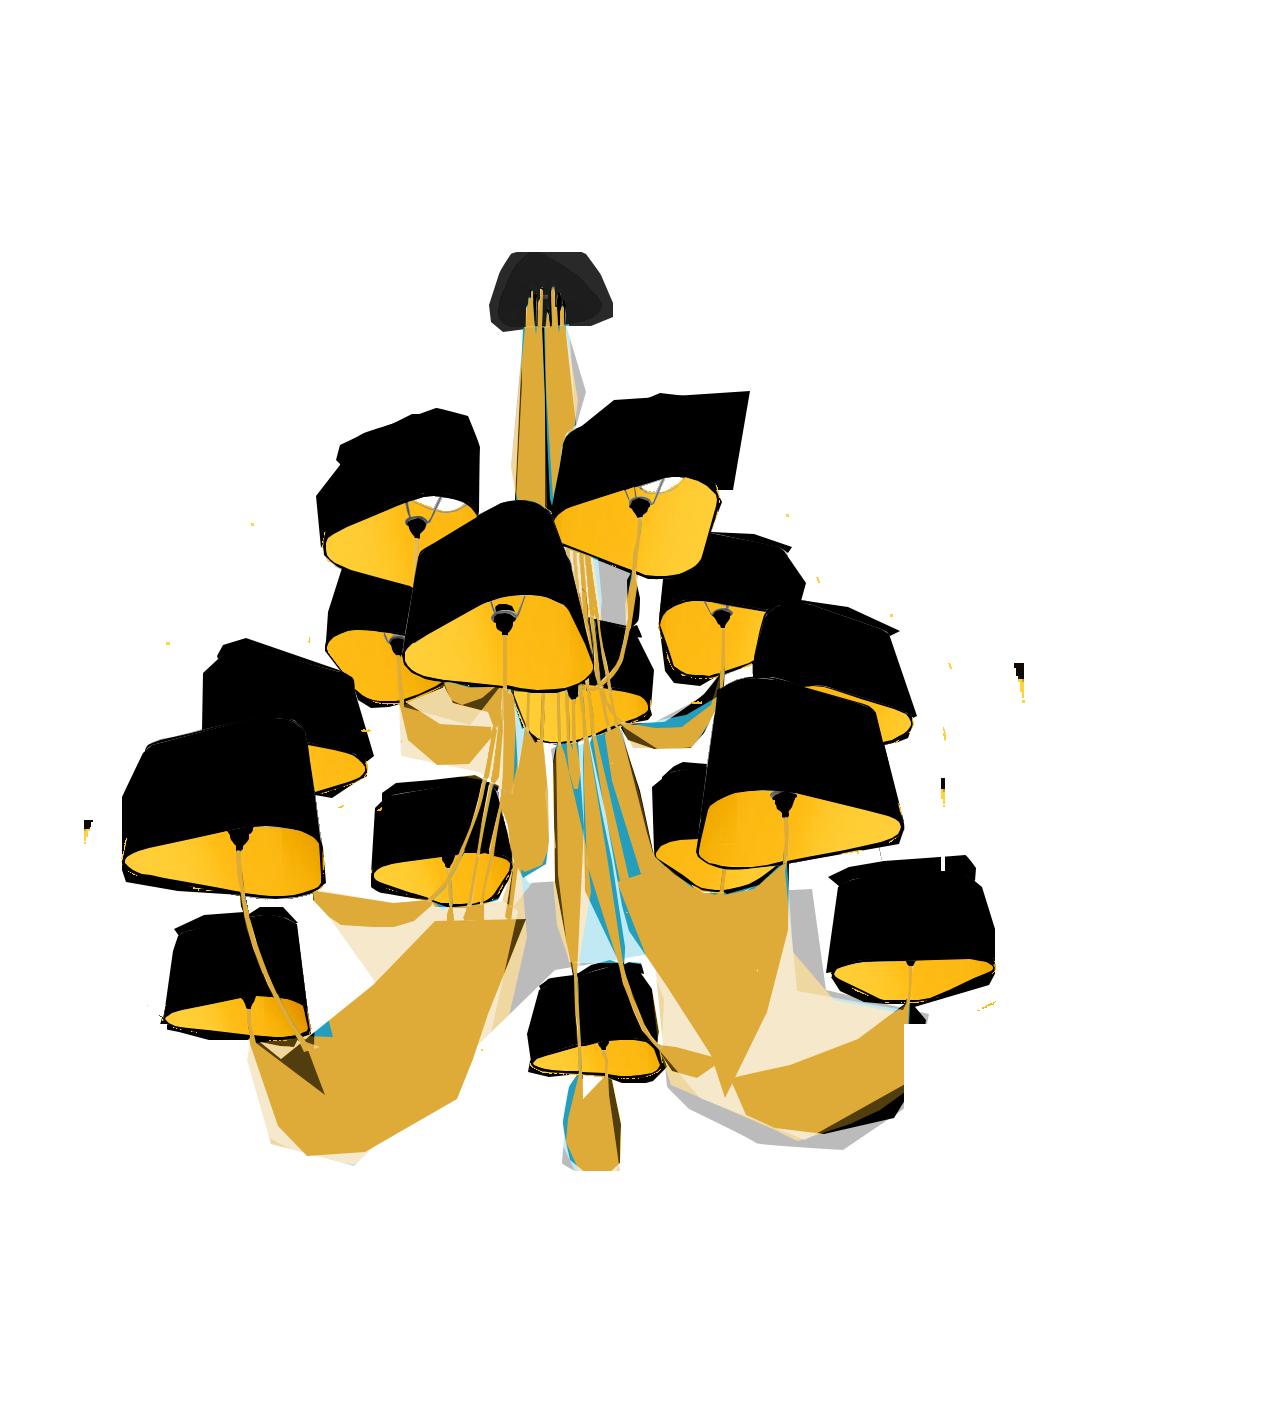 Rippvalgusti_Design_Heure_Nuage